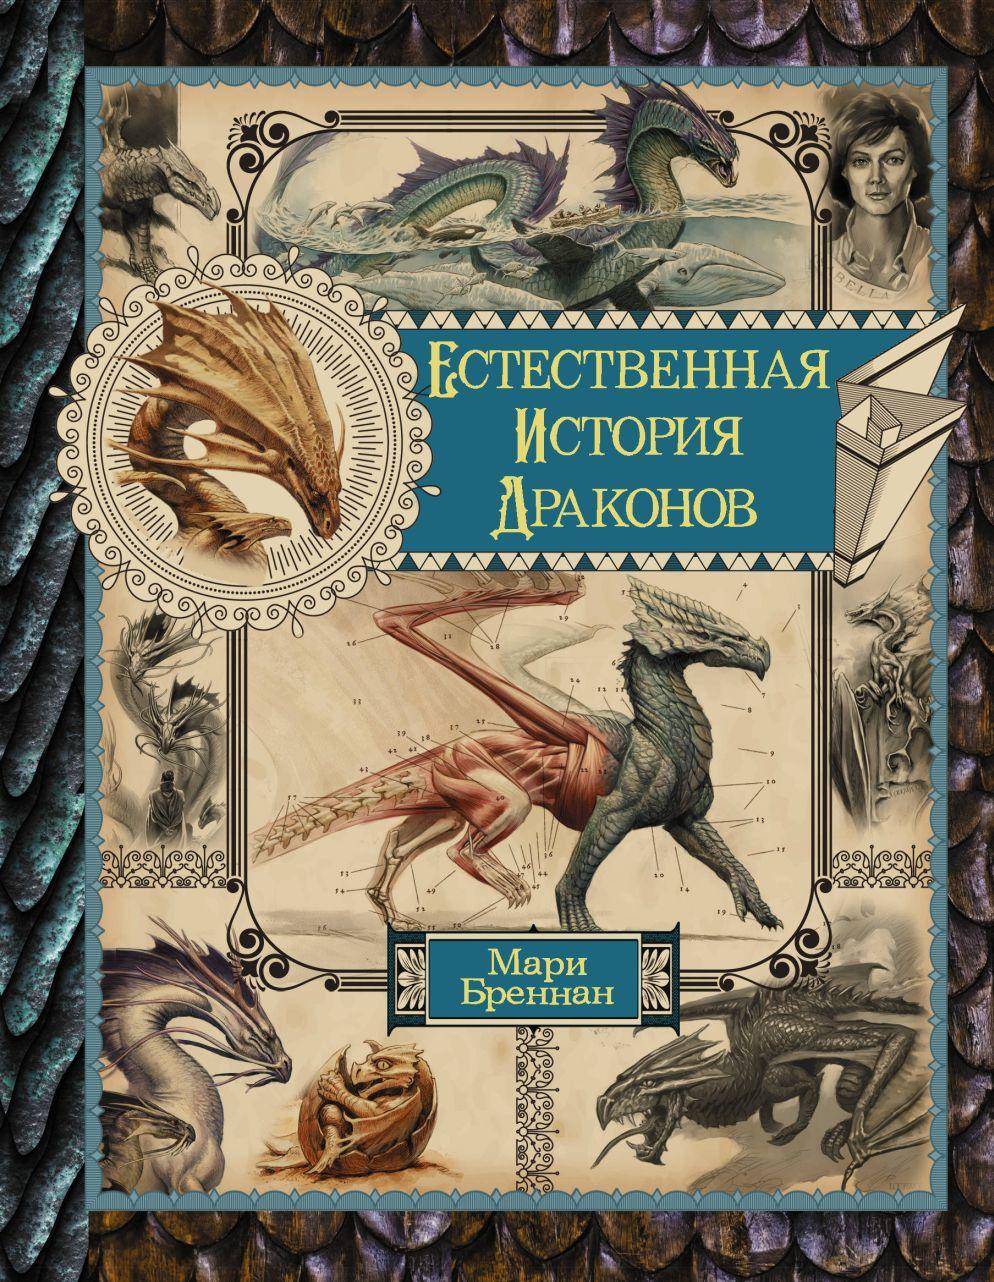 Естественная история драконов. Омнибус